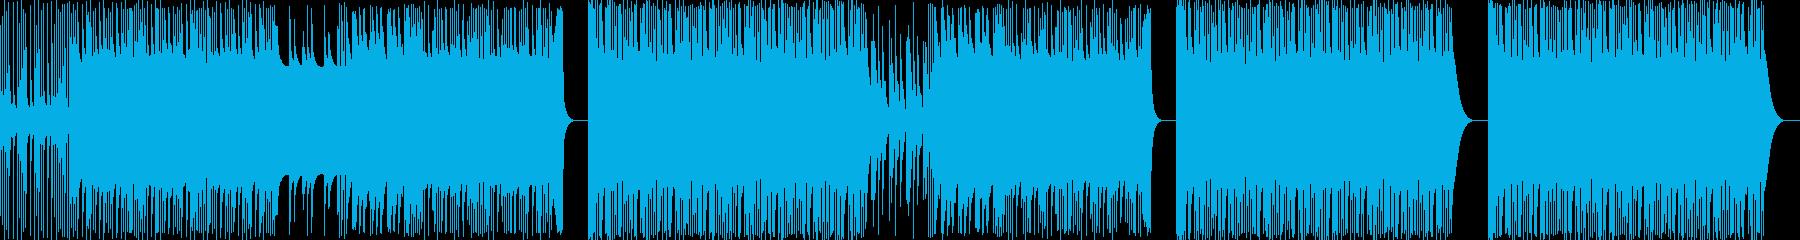 クランク/808/東洋/ヒップホップ#2の再生済みの波形